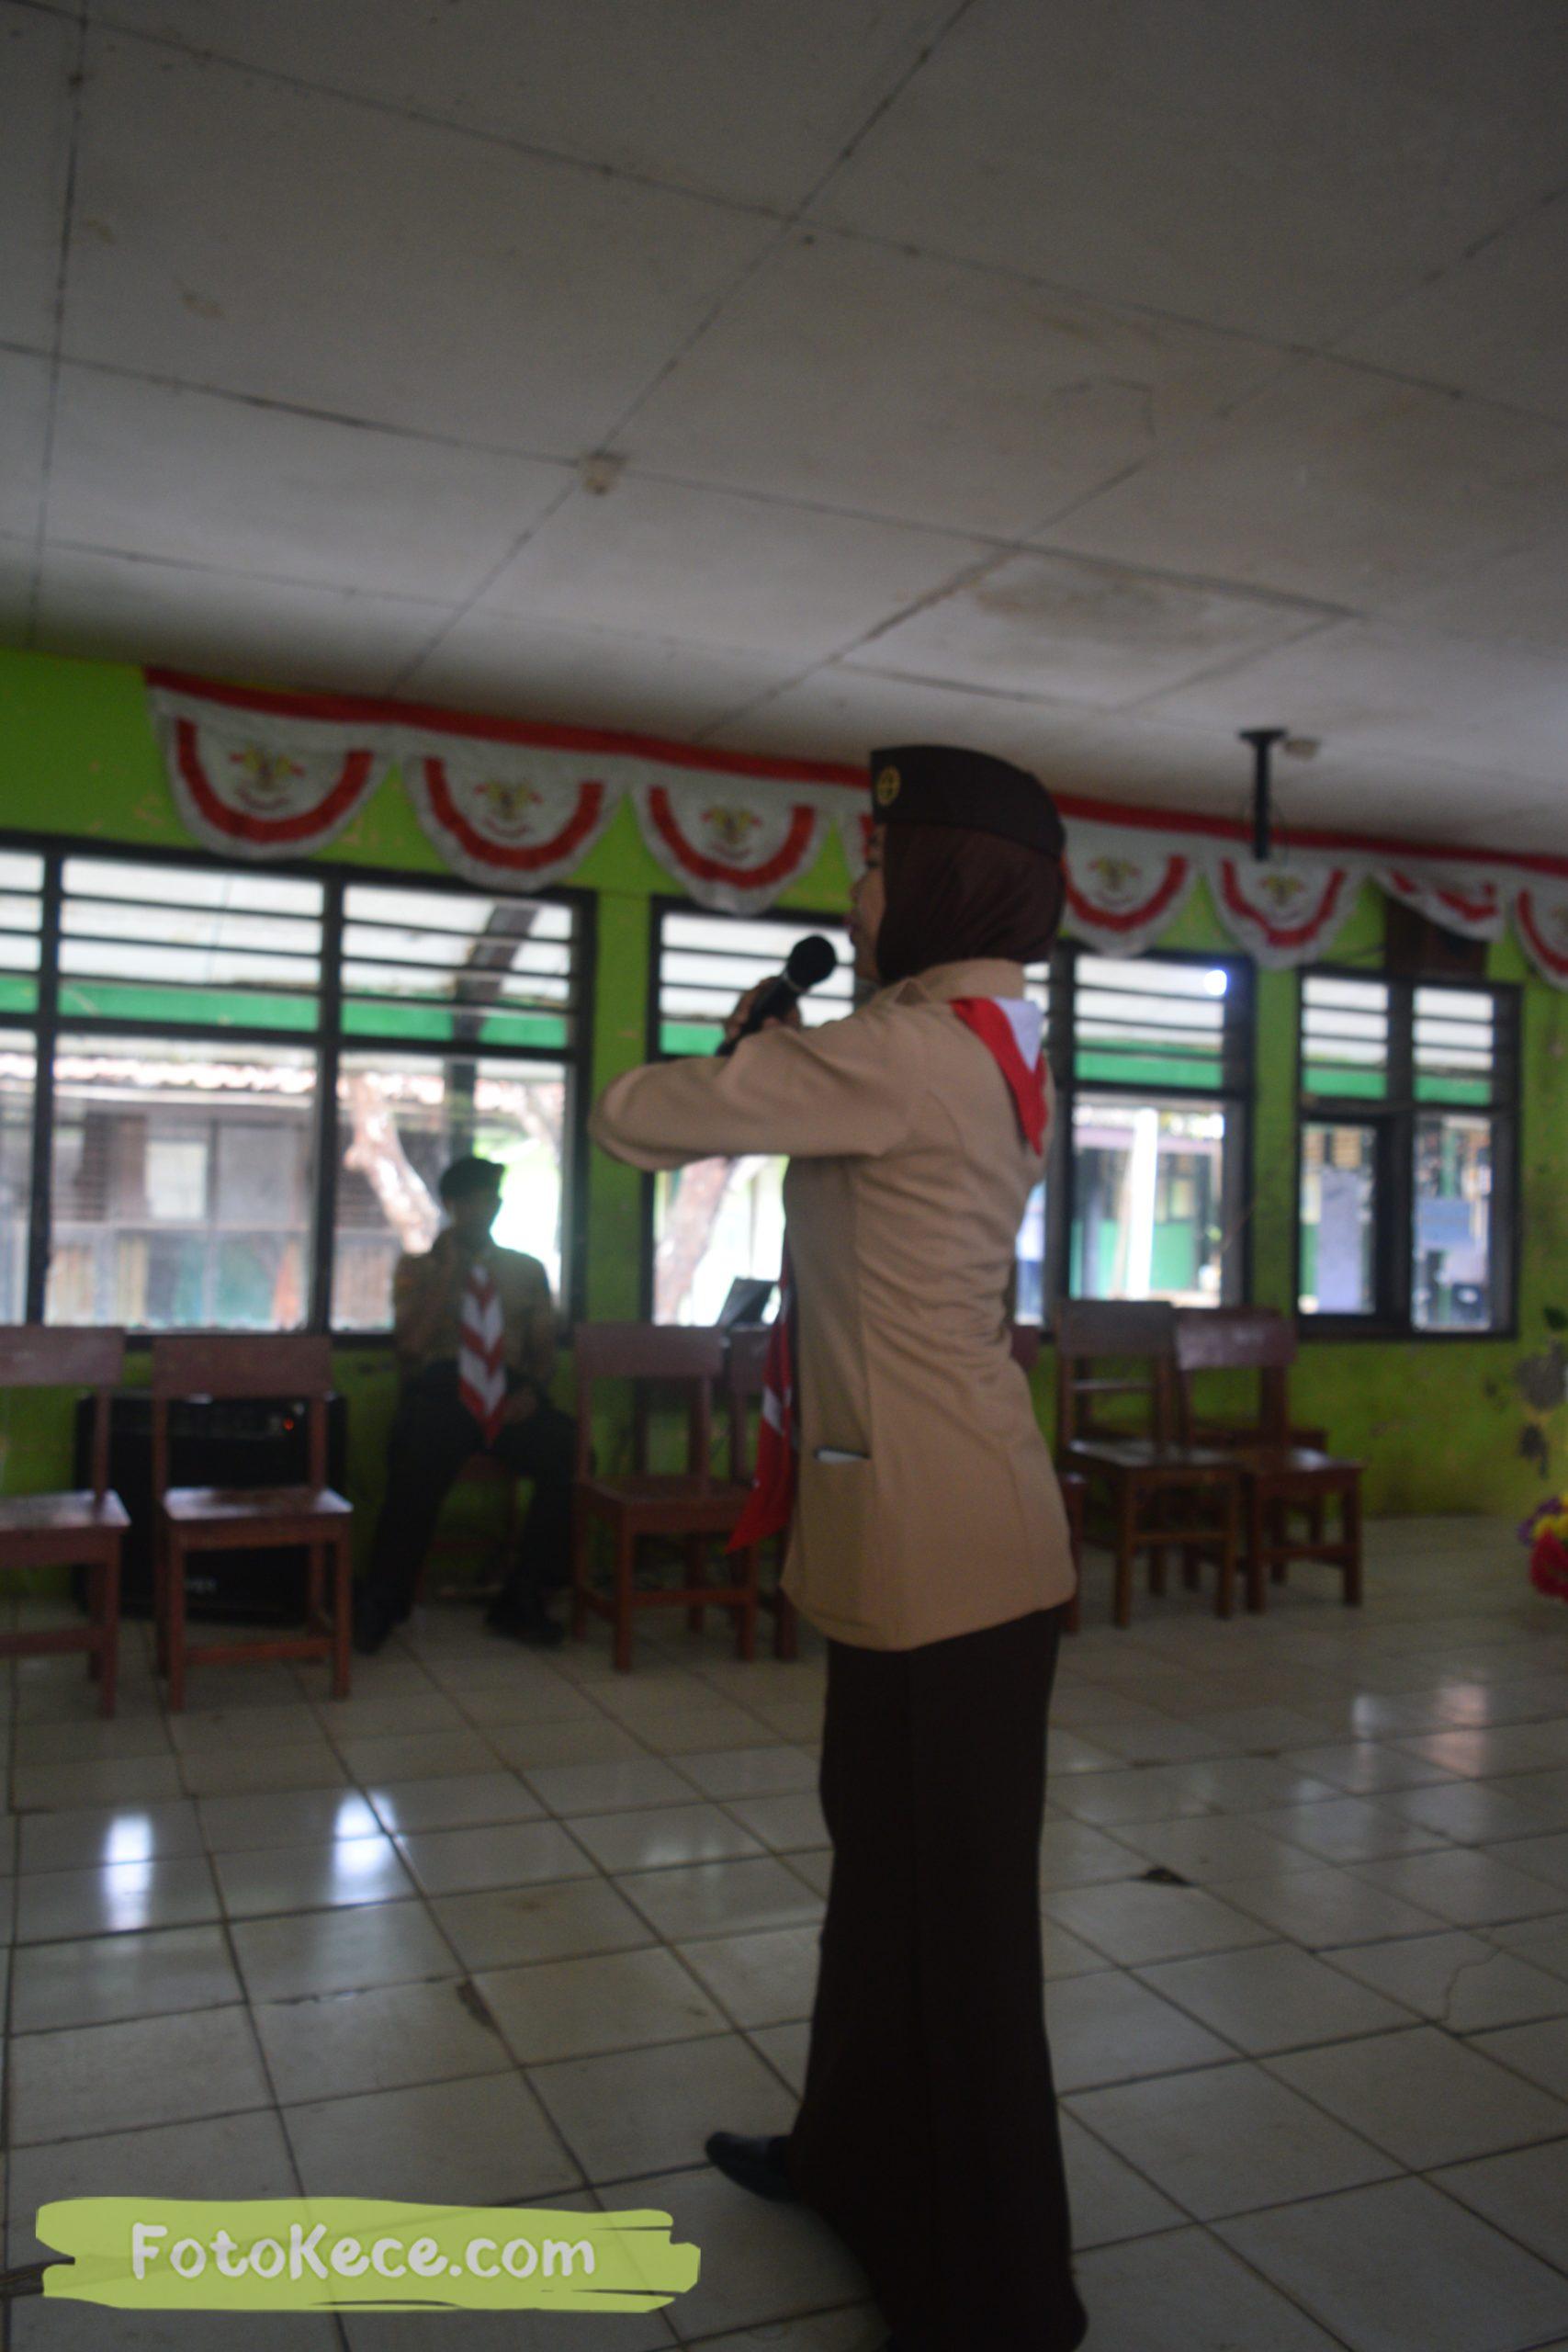 indoor kursus pembina mahir tingkat dasar kmd kwartir ranting surade 2019 fotokece Des 2019 62 scaled